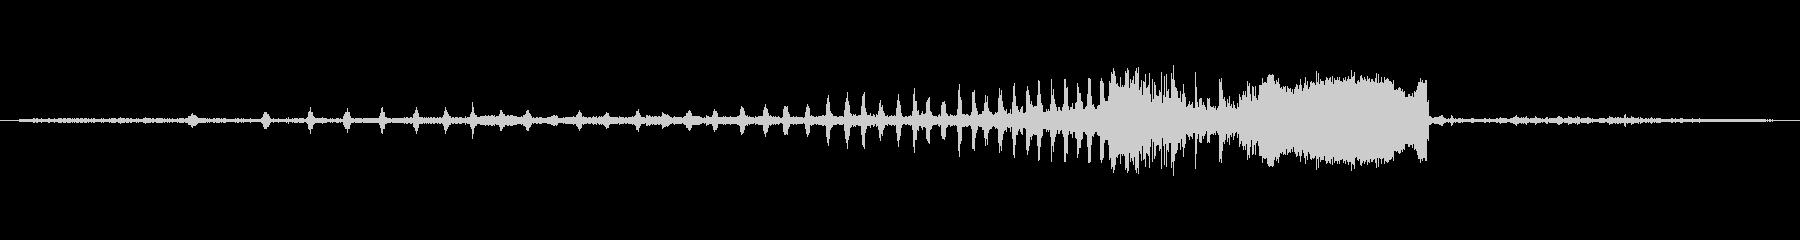 1907ボールドウィン280:ロー...の未再生の波形